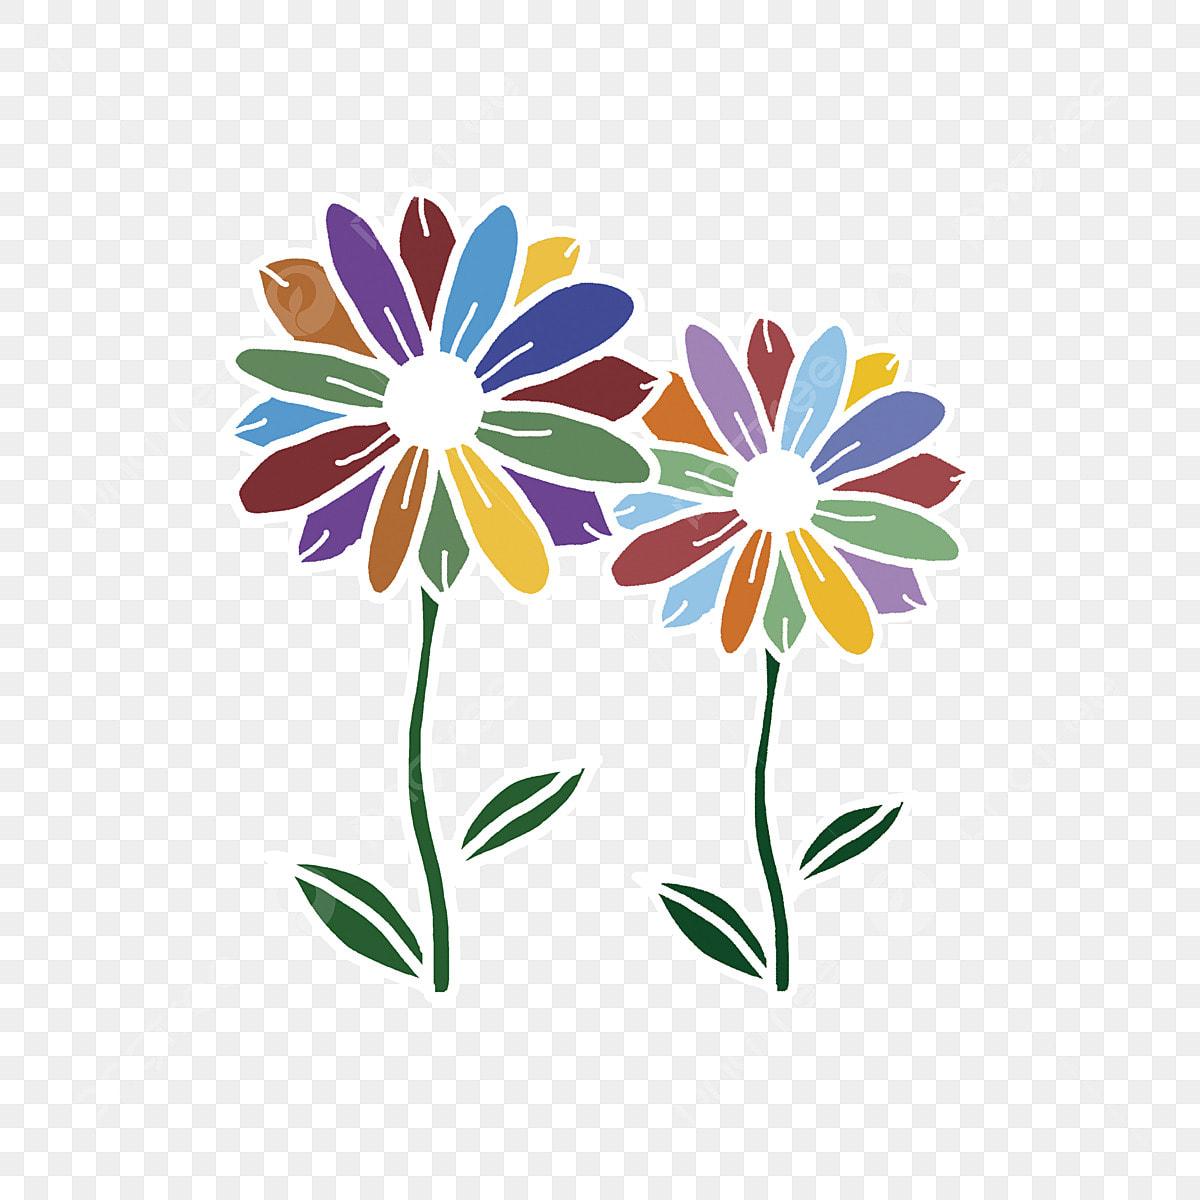 đẹp Cánh Hoa Màu Hoa Bảy Màu Hoa Vẽ đầy Màu Sắc đẹp Miễn